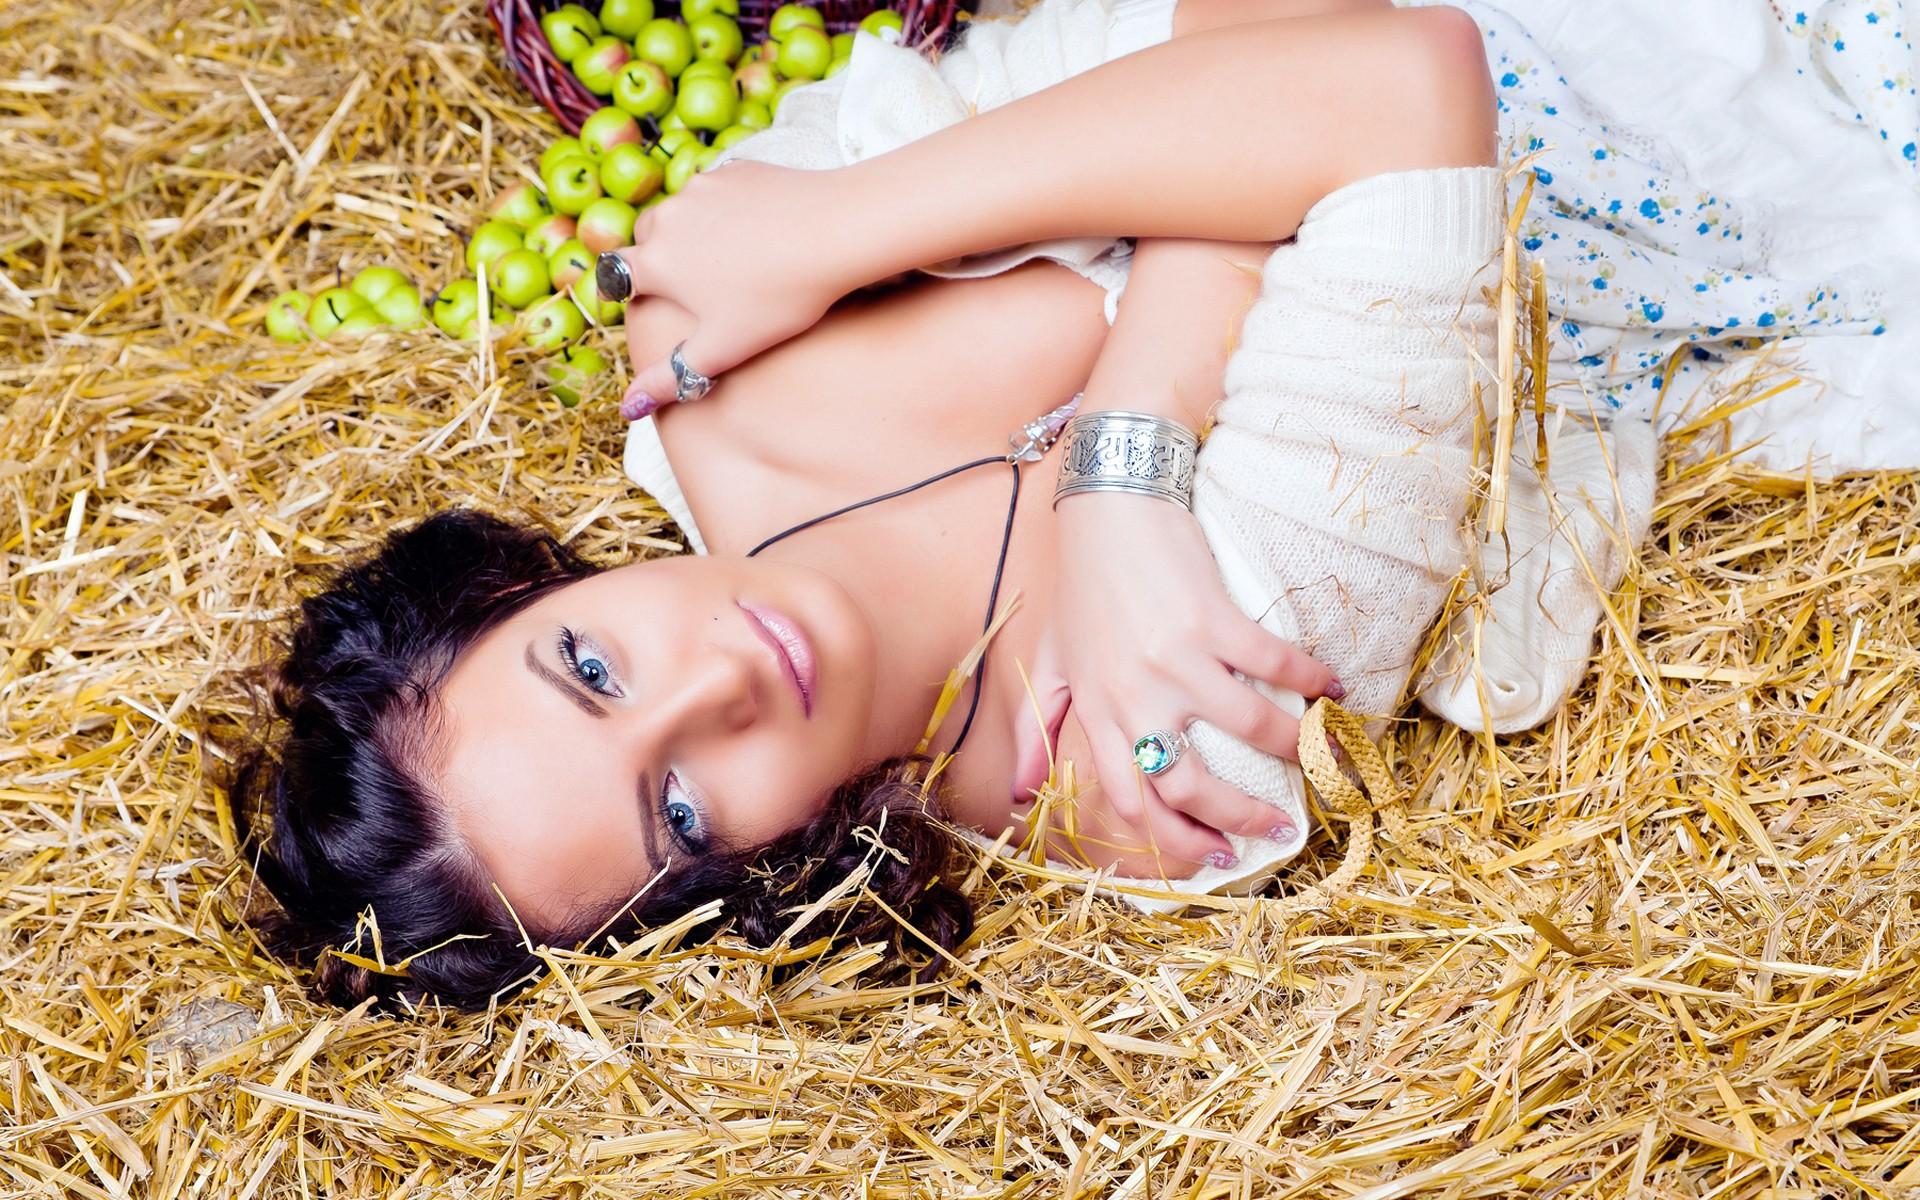 свежая фото лежать на соломе скагене сделали снимки